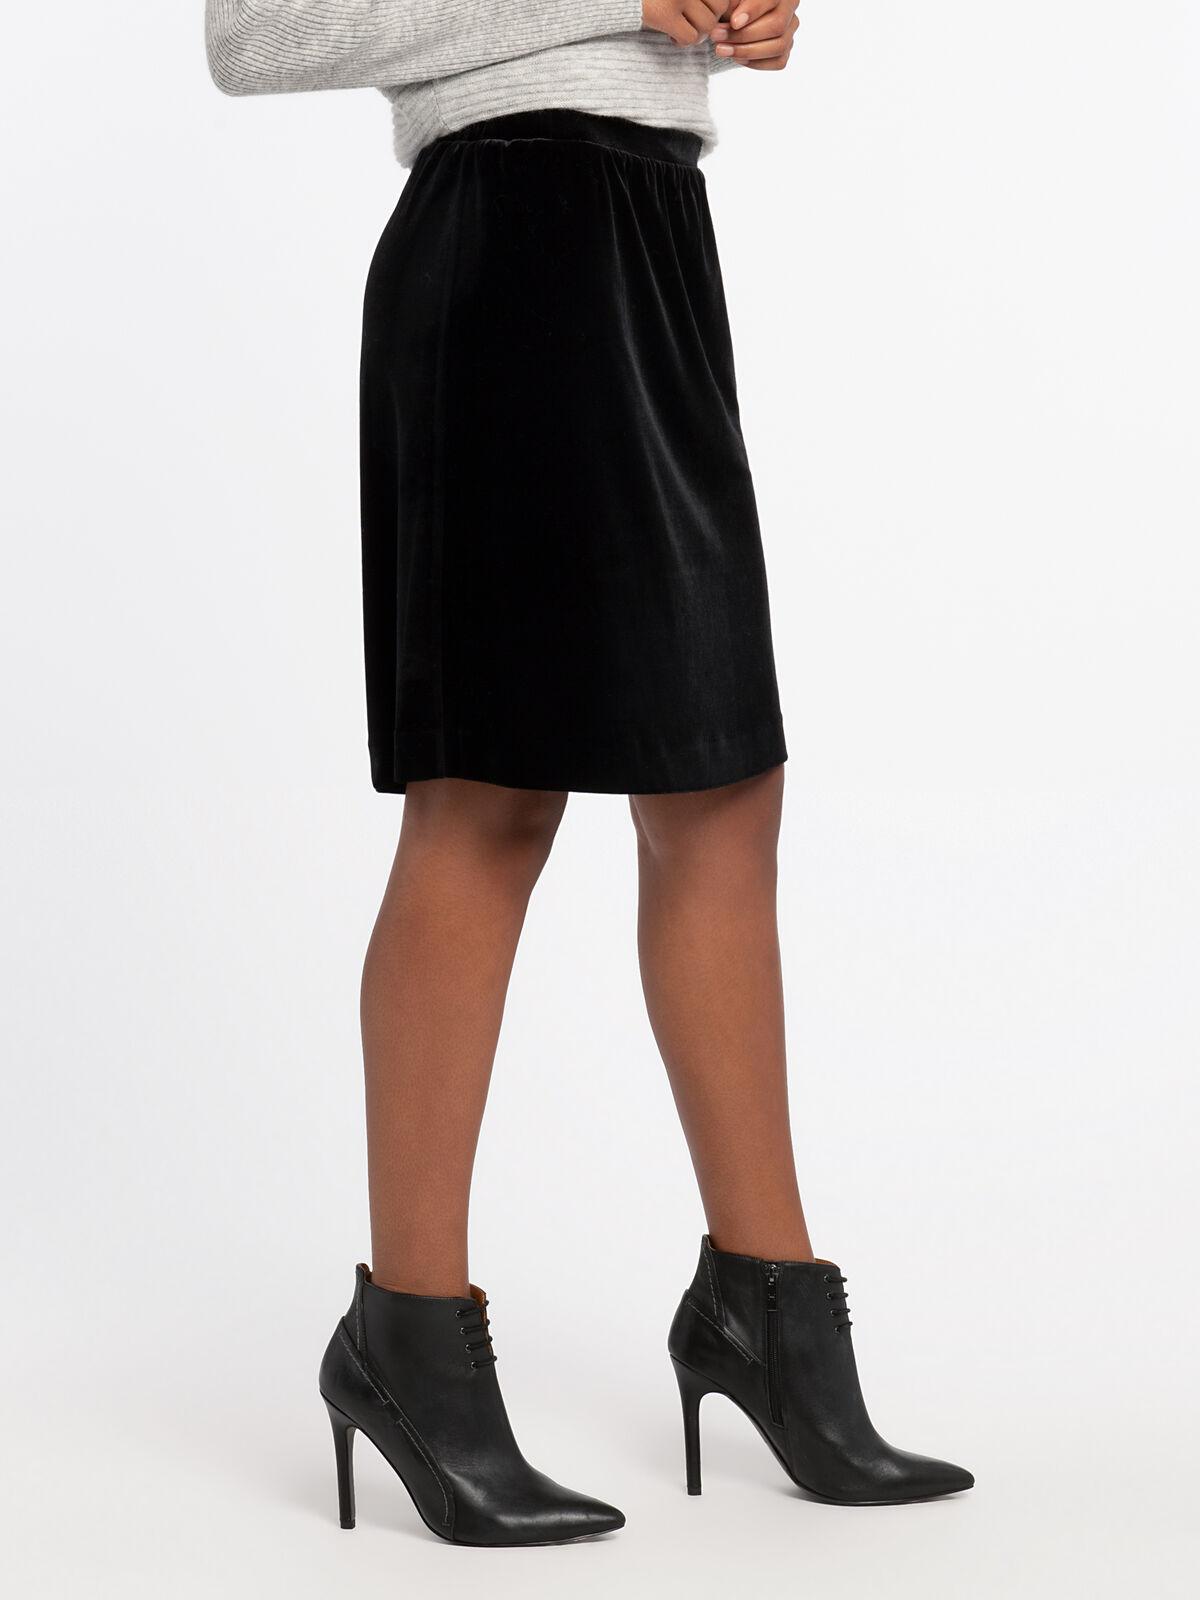 Darling Velvet Skirt